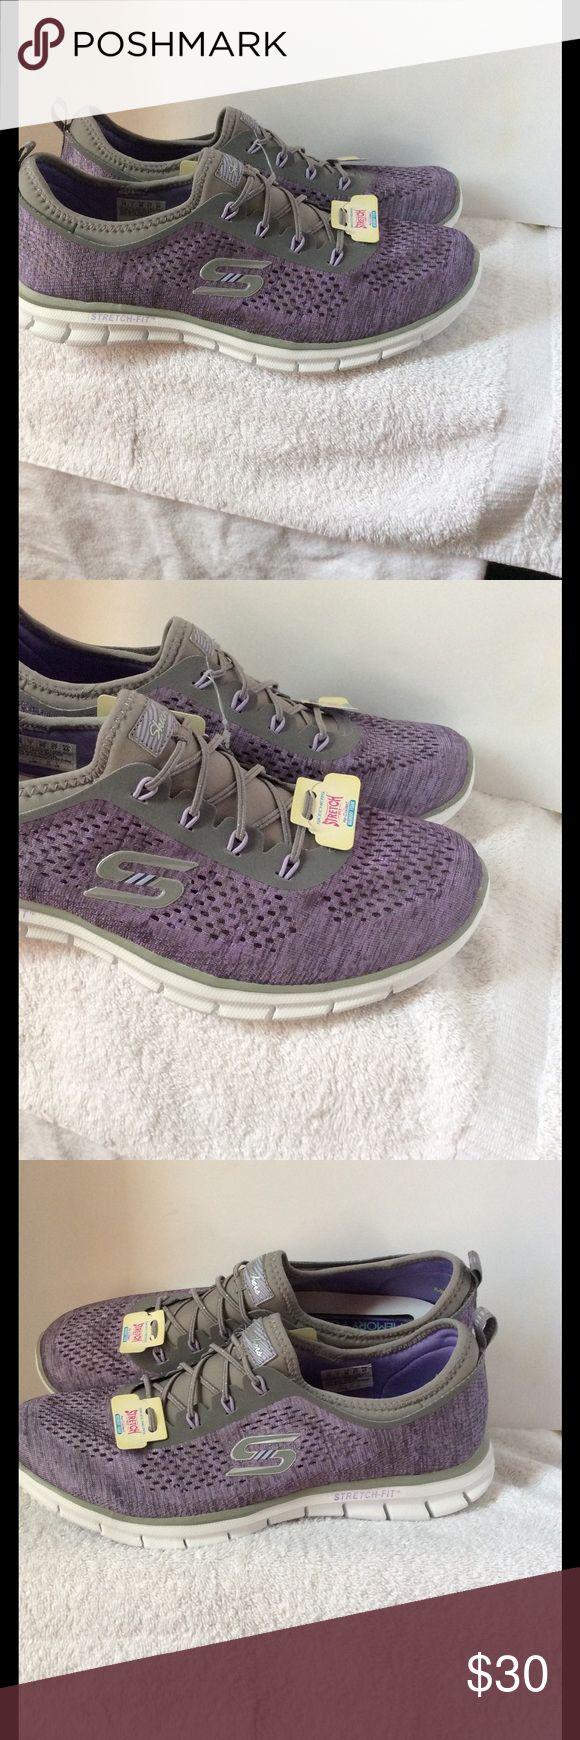 Skechers women's sneakers size 10 US Skechers women's sneakers size 10 US. Skechers Shoes Athletic Shoes